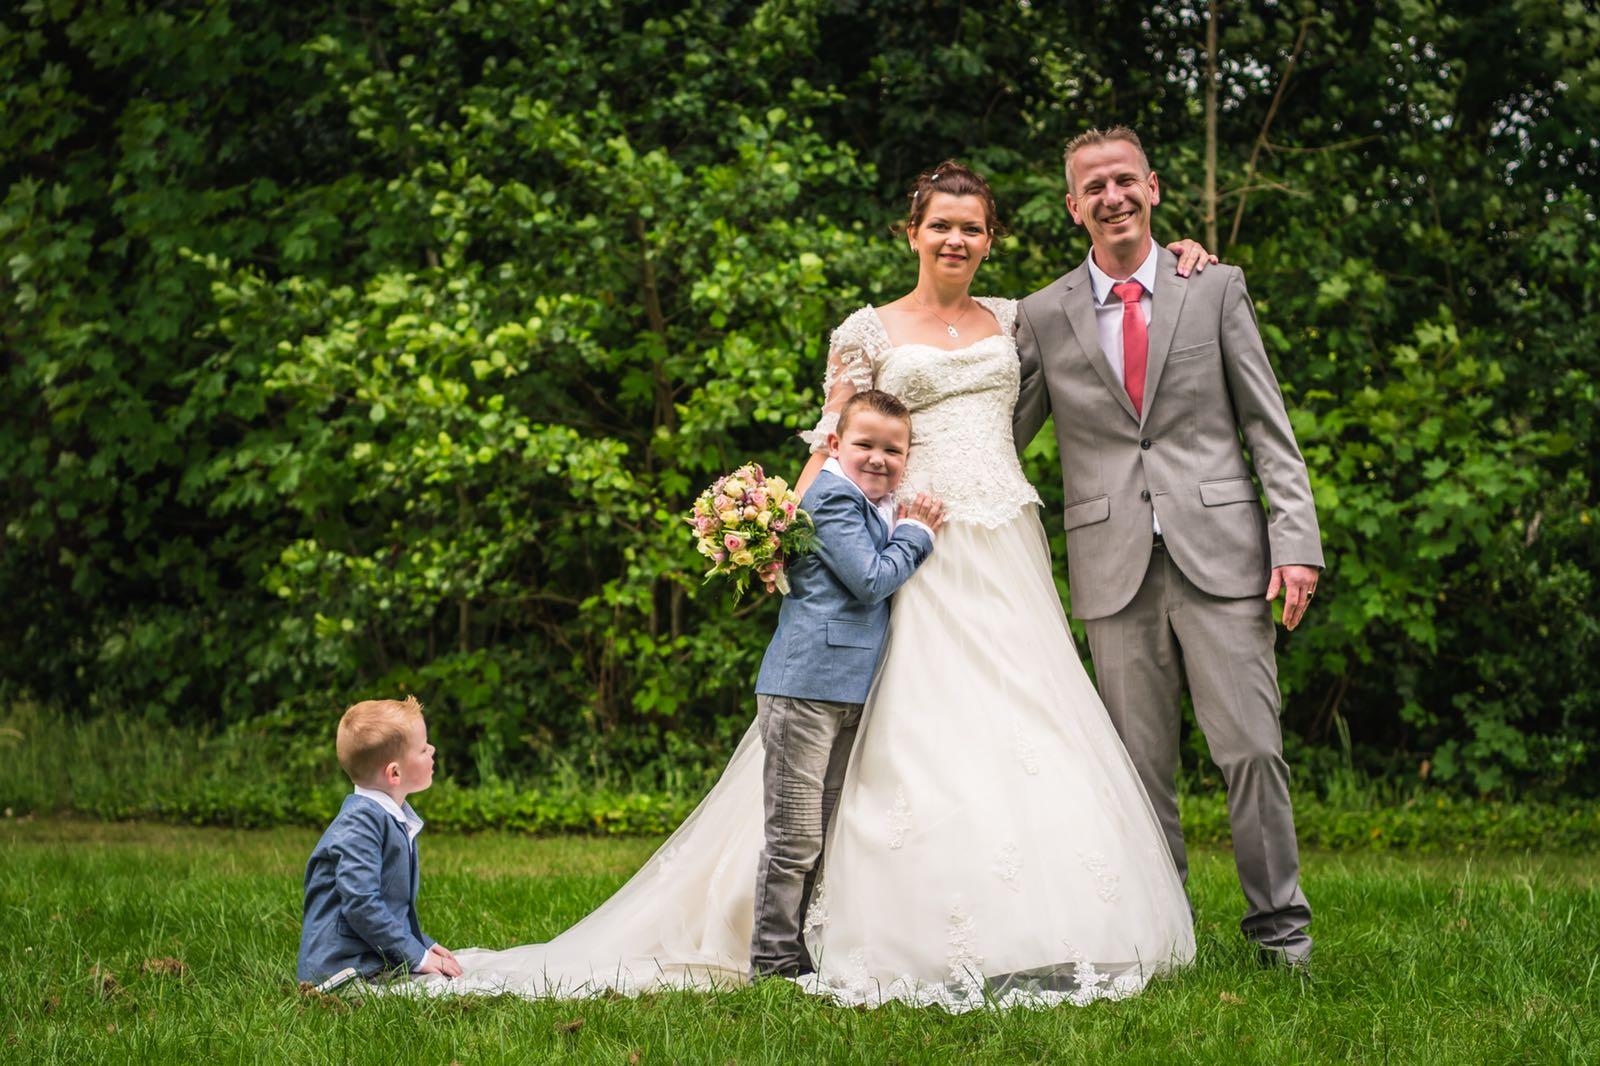 77b45b5b00ad16 We hebben veel complimenten mogen ontvangen op de bruiloft en het was een  prachtige dag! Nogmaals bedankt!